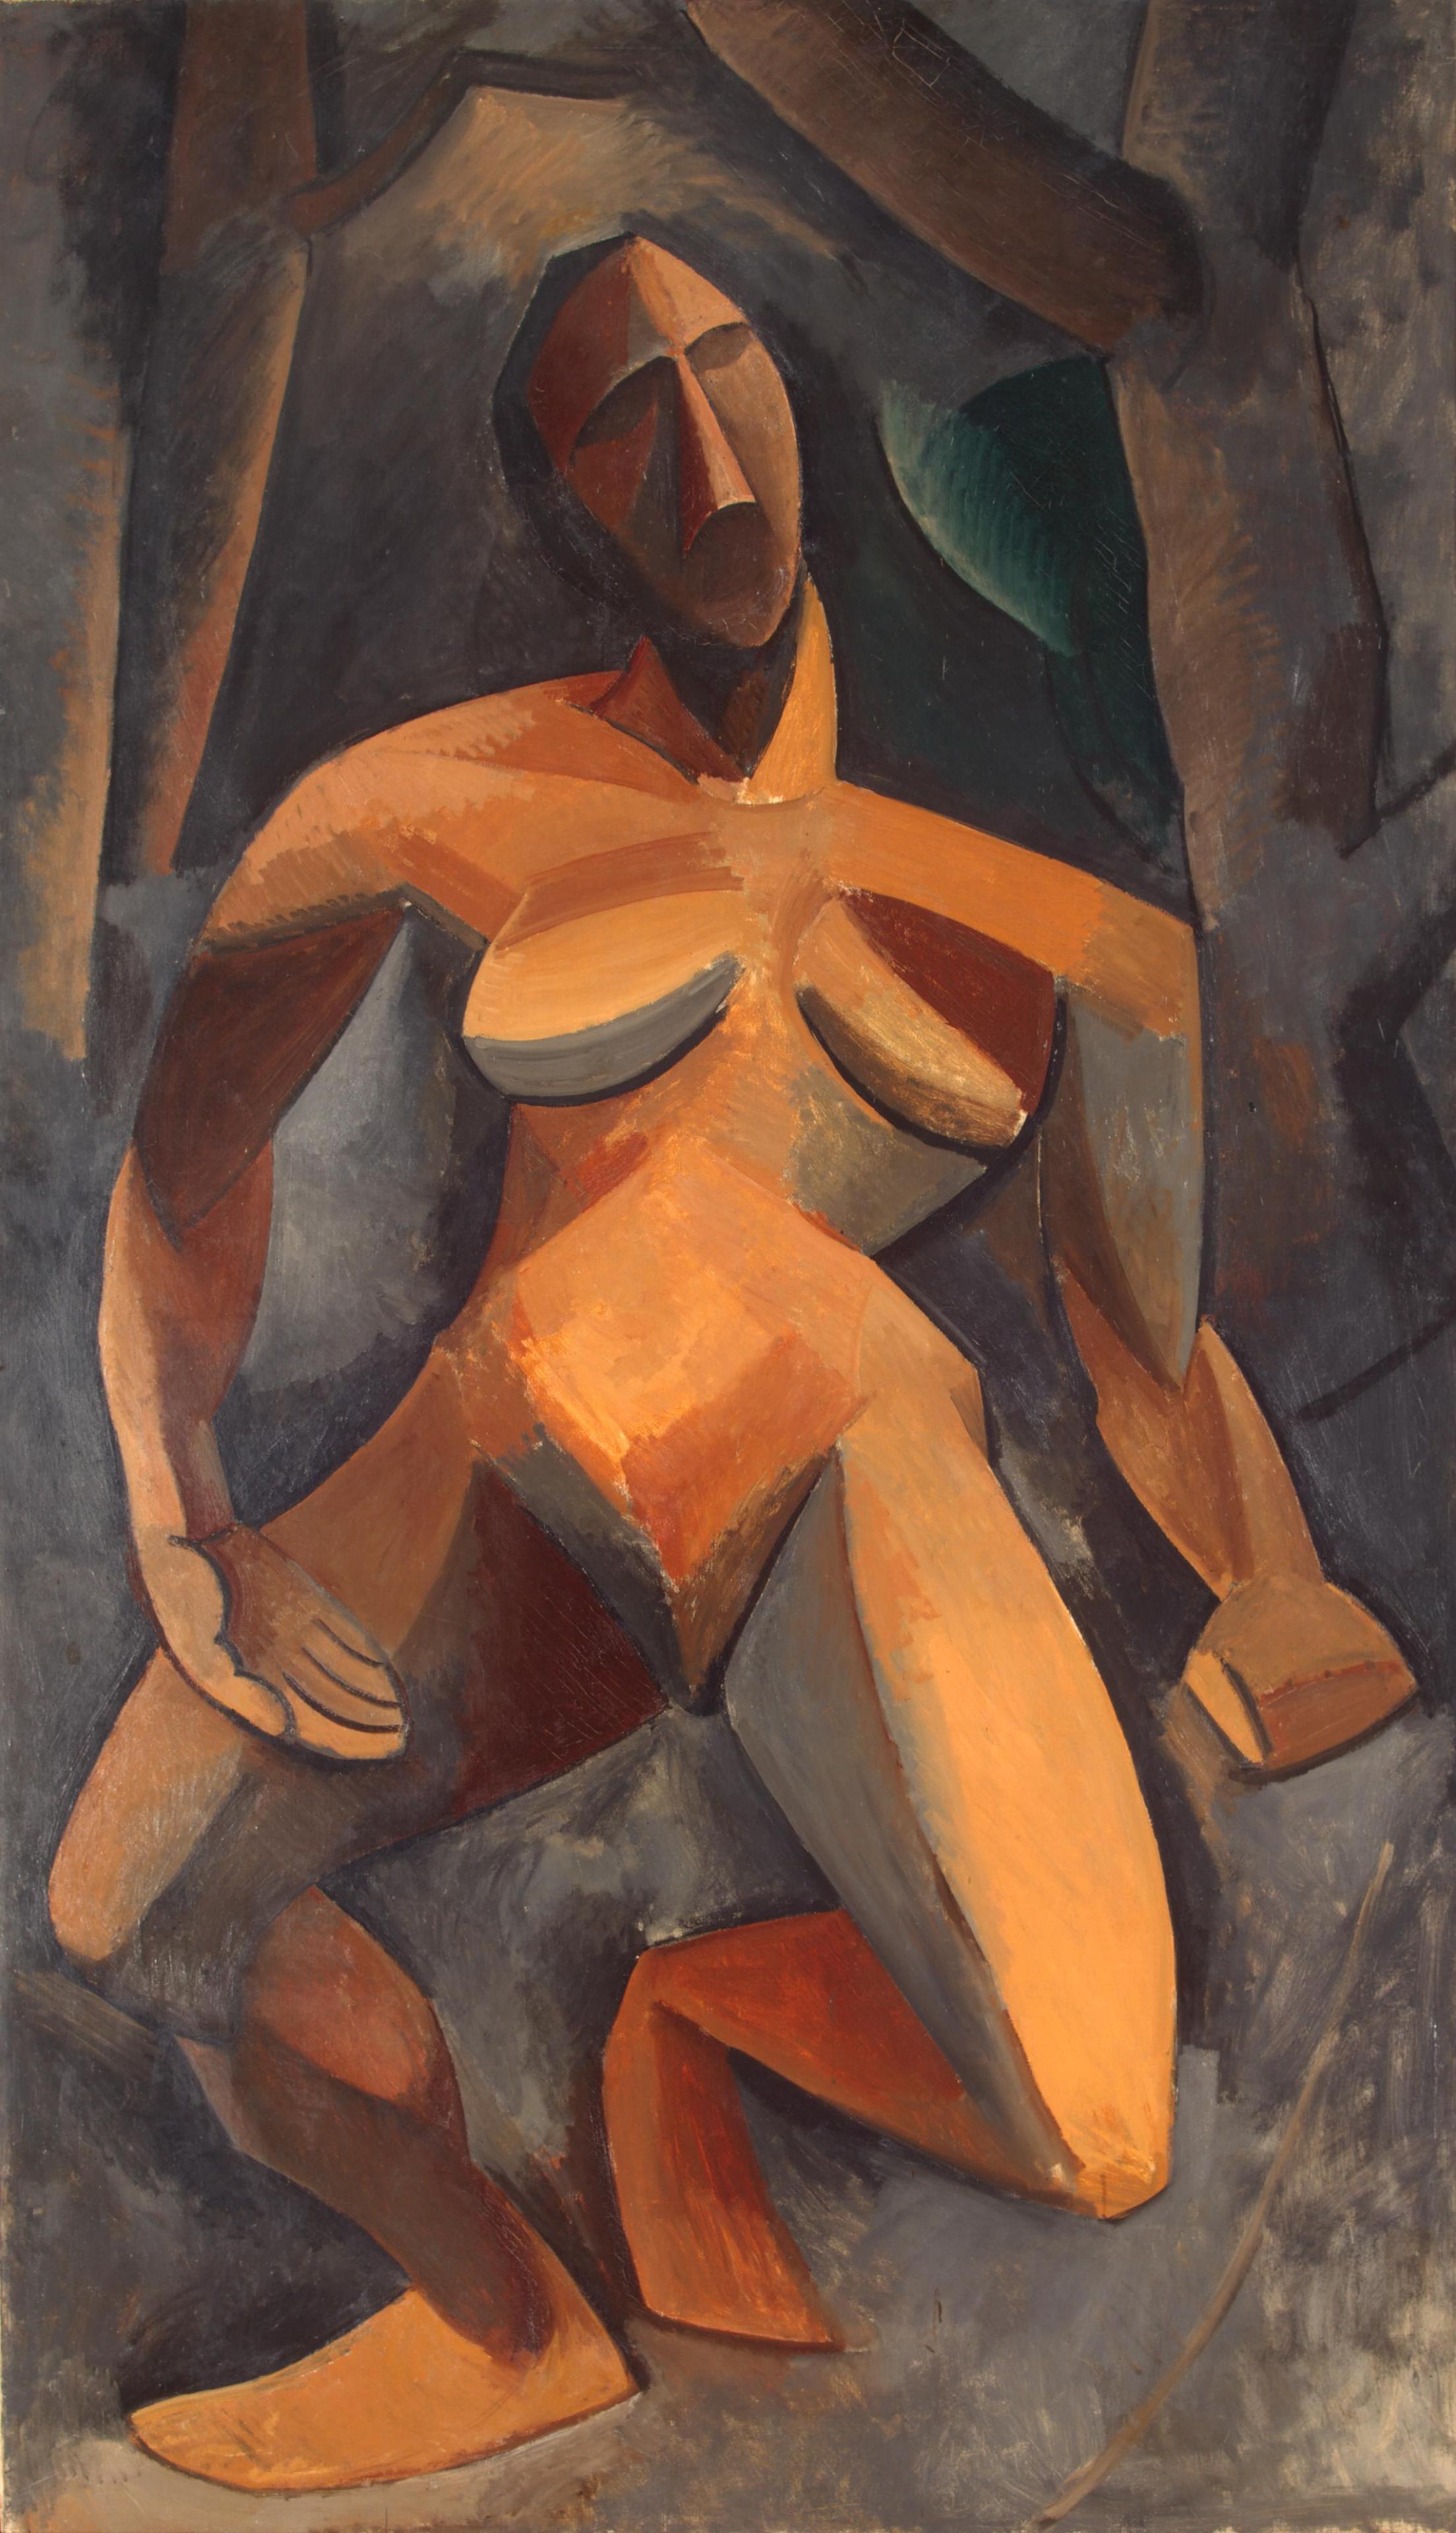 Pablo Picasso  La driade (Nu dans une forêt), 1908  Oil on canvas, 108 x 185 cm Hermitage Museum, Saint Petersburg, Russia